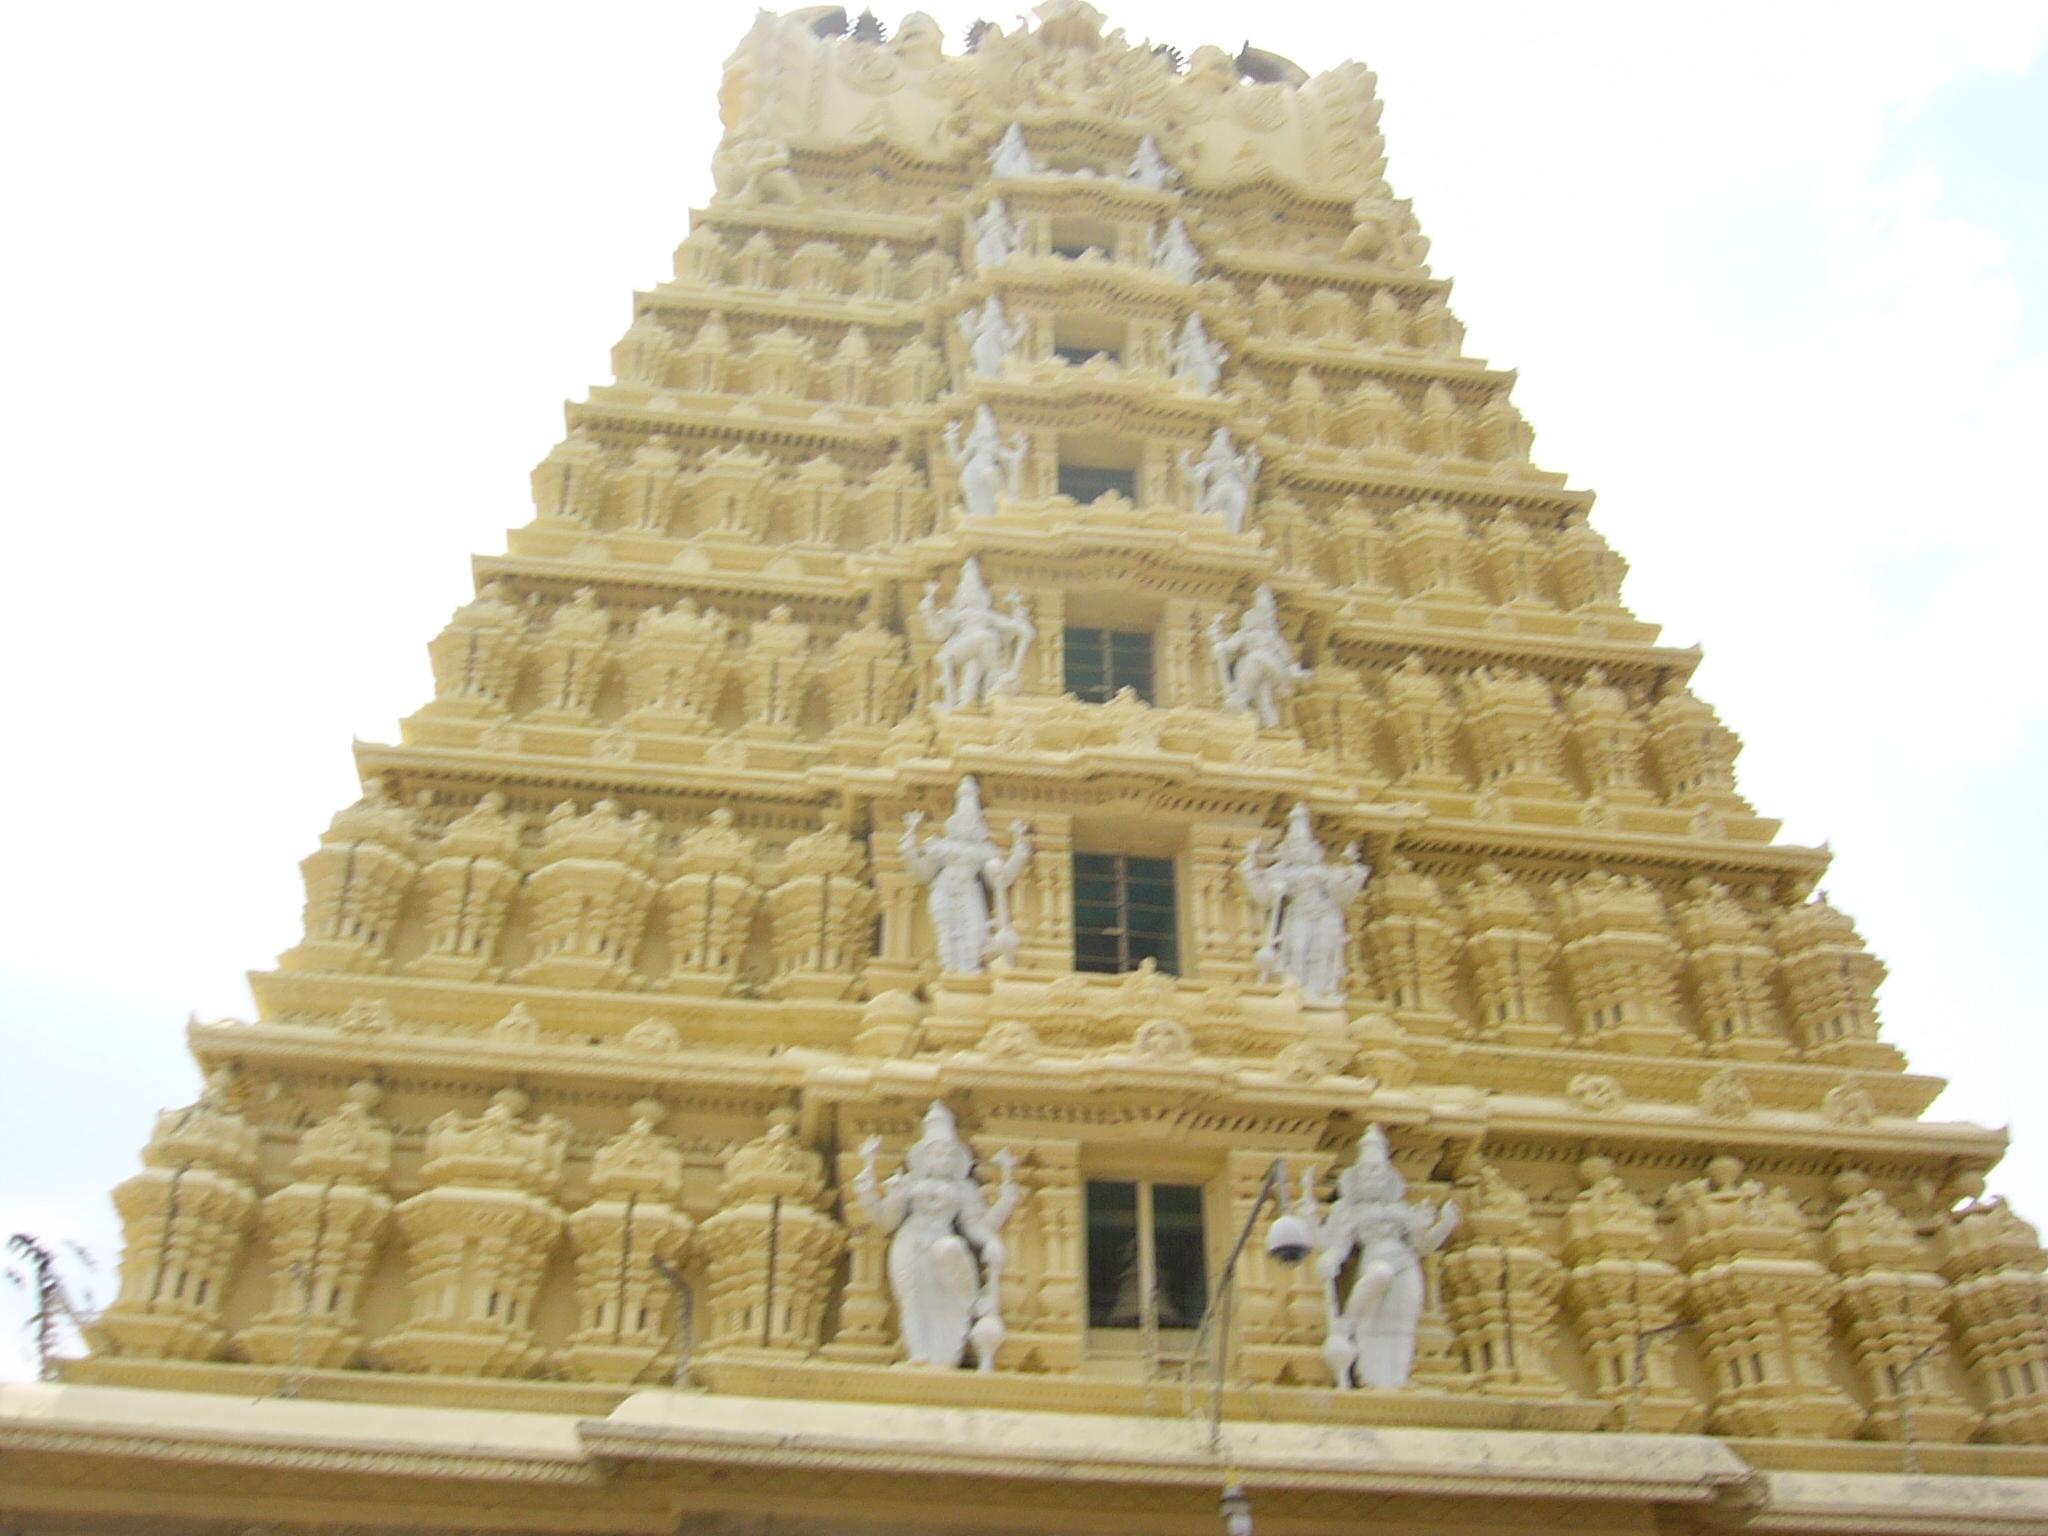 Description Shikhara of the Gopuram of Chamundesvari Temple - Uploaded ...